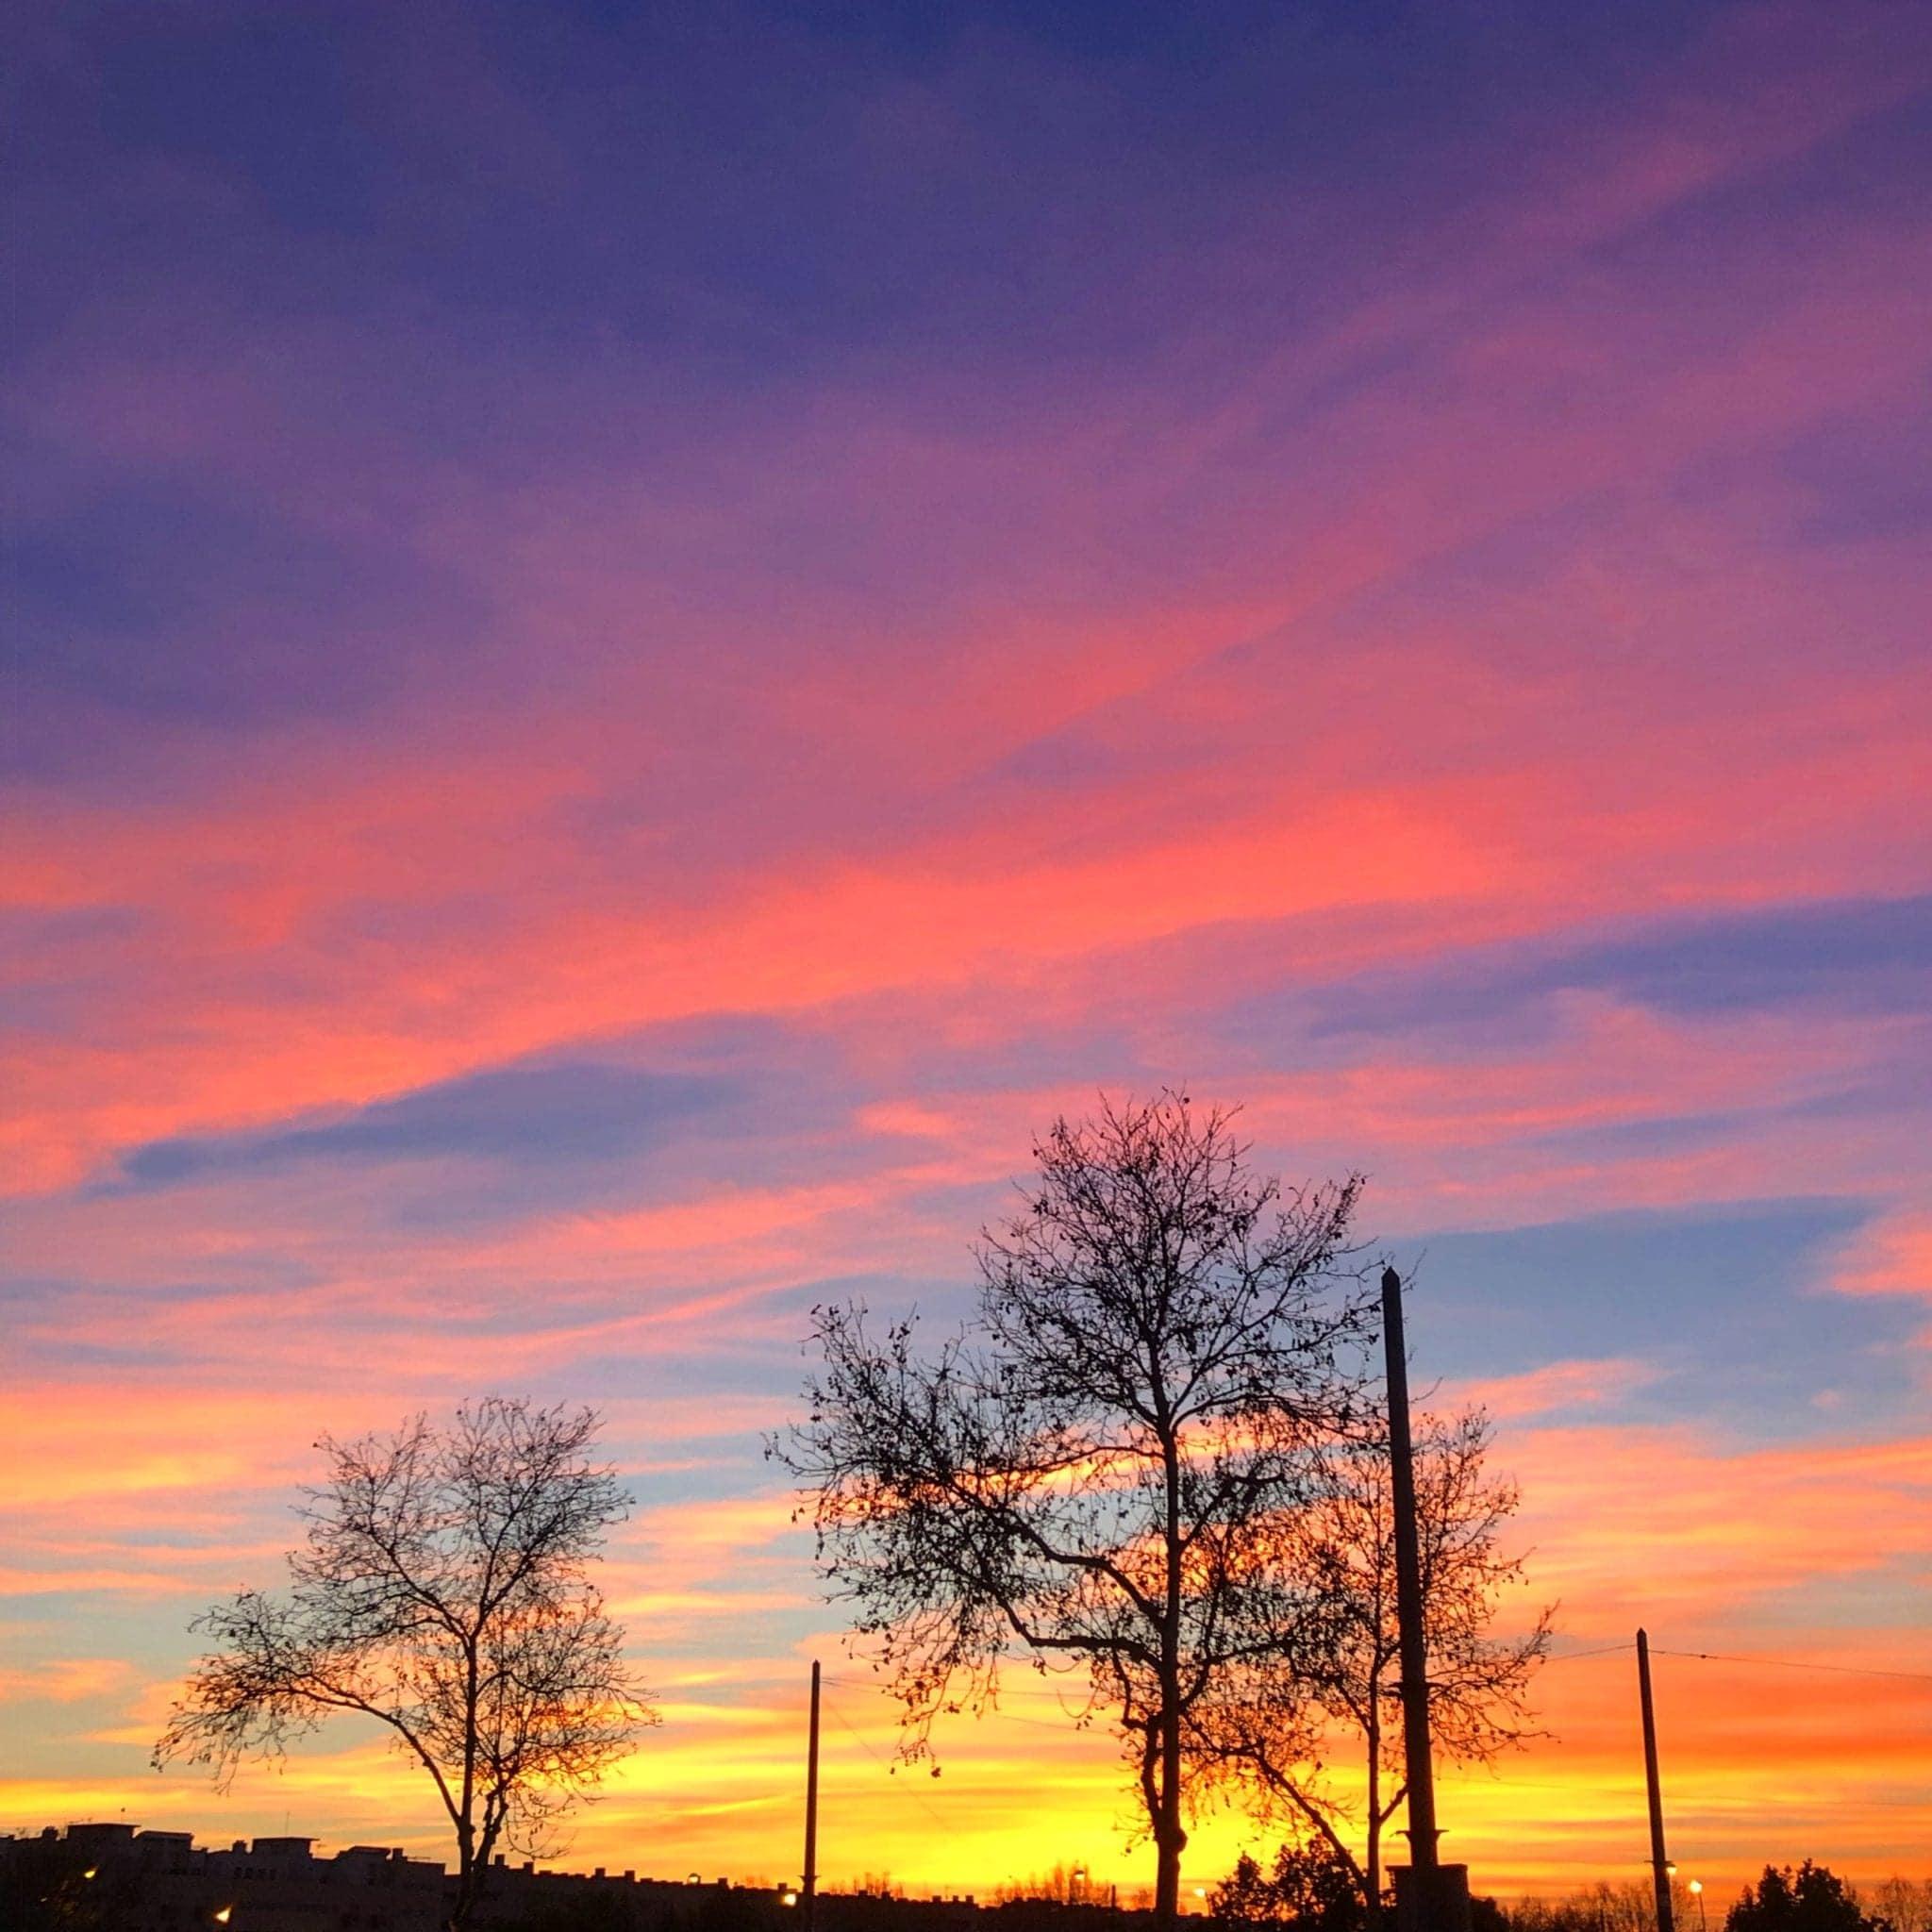 © Reise durch mein buntes Leben | Sonnenuntergang